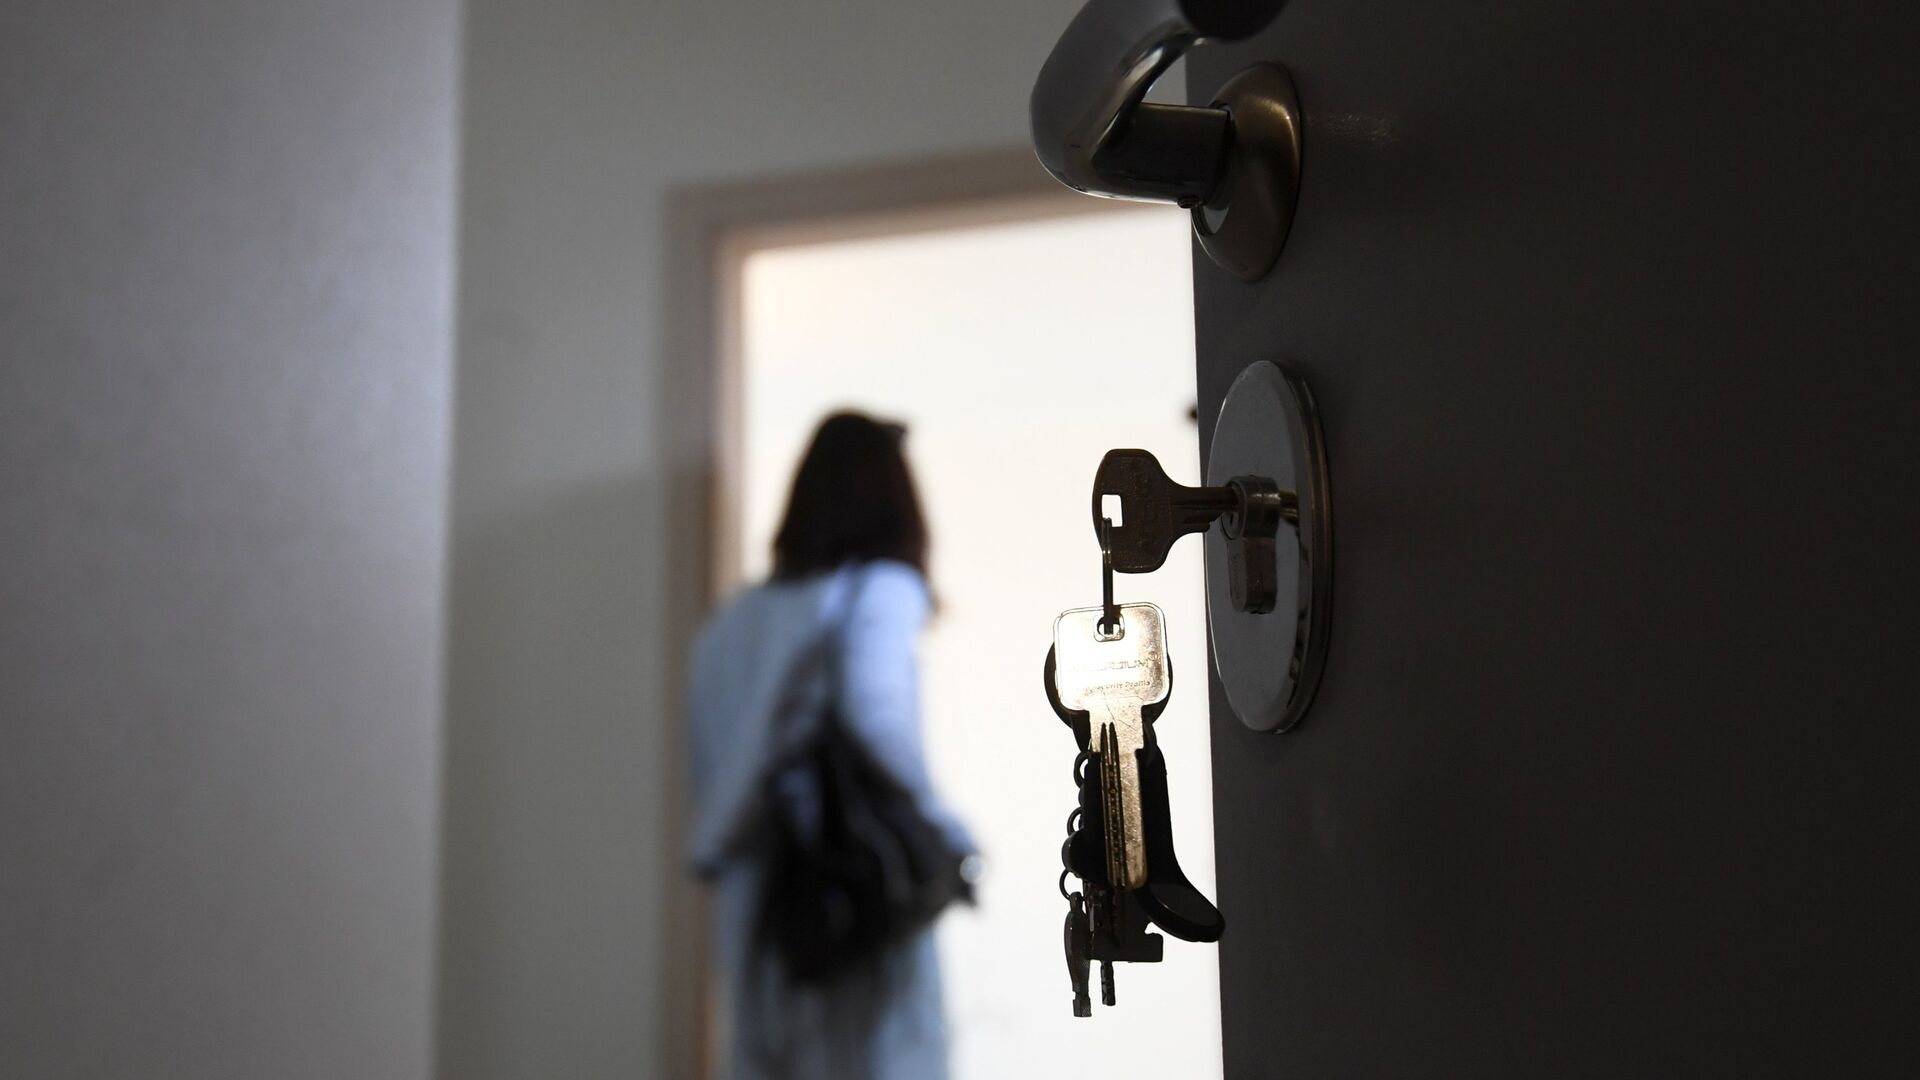 Входная дверь квартиры в новостройке - РИА Новости, 1920, 24.03.2021